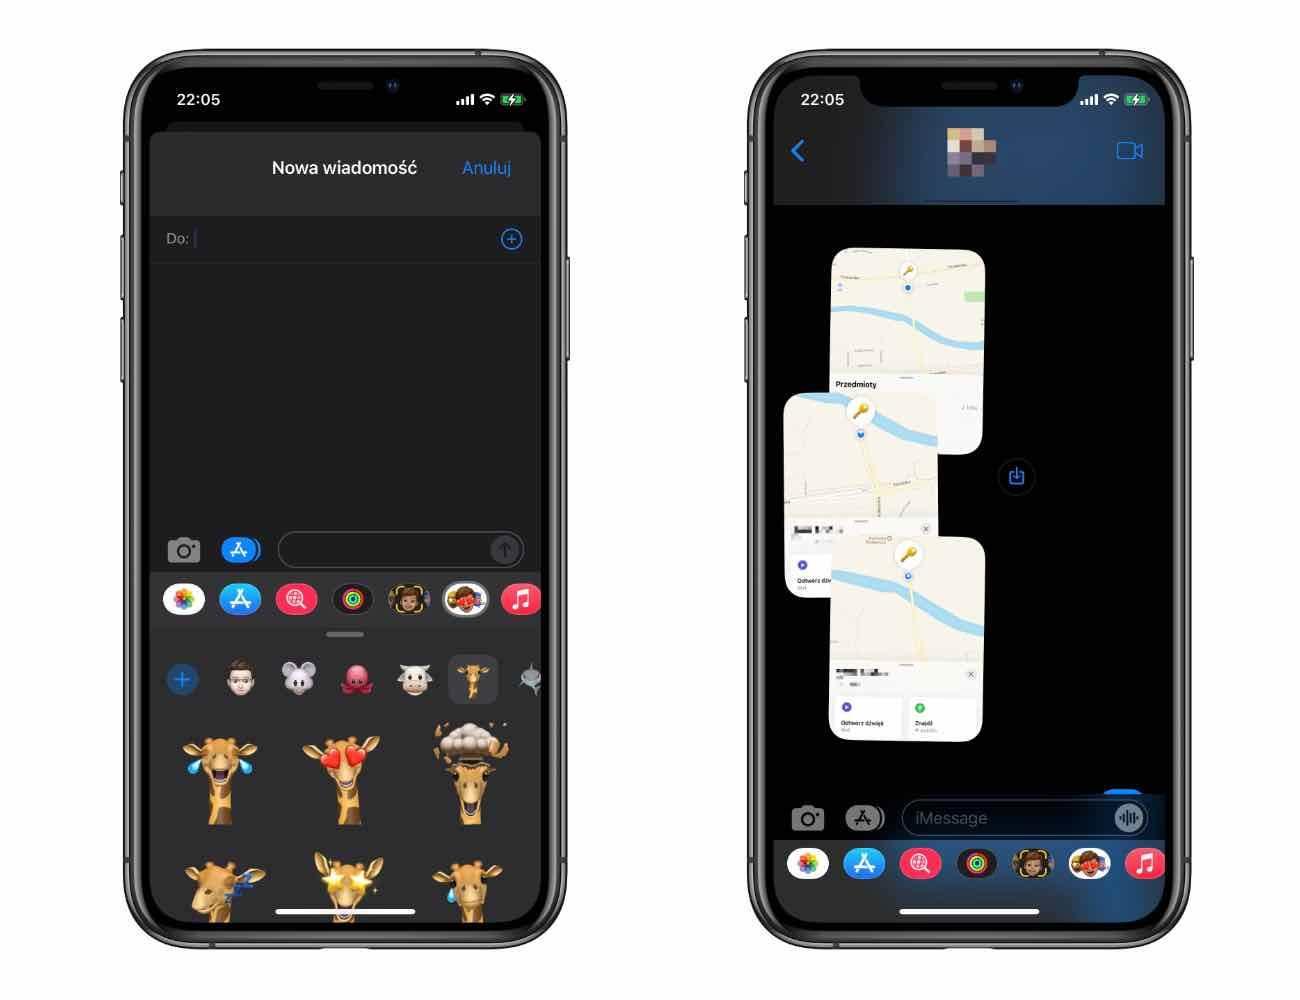 iOS 15 - polskie screeny polecane, ciekawostki zrzuty ekranu, screeny, polskie screeny z iOS 15, jak wygląda iOS 15, iOS 15 screeny, iOS 14 screeny, iOS, Apple  Pierwsza beta iOS 15 jest już w naszych rękach, więc przygotowaliśmy dla Was polskie screeny z najnowszej wersji iOS. iOS15beta1 5